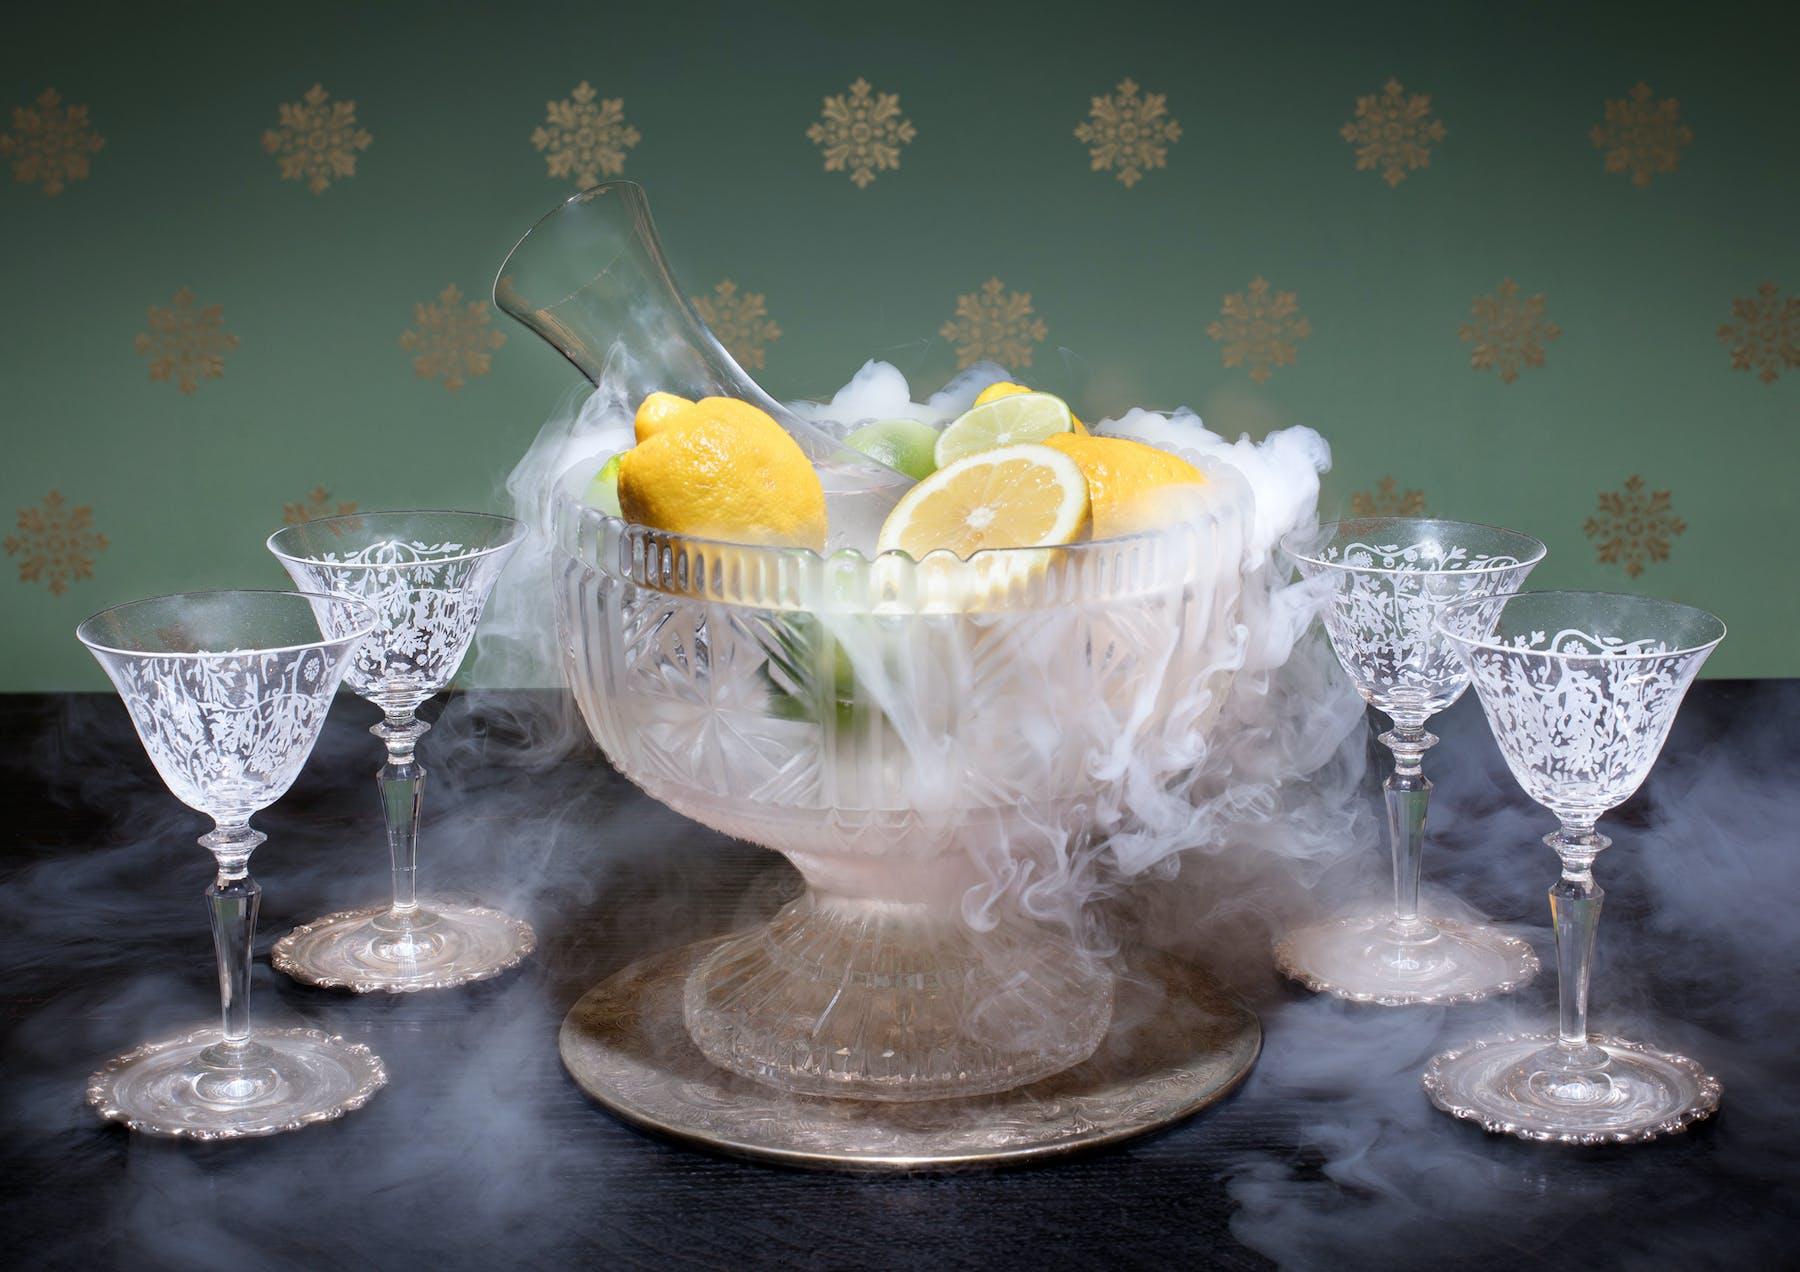 lemonade bowl